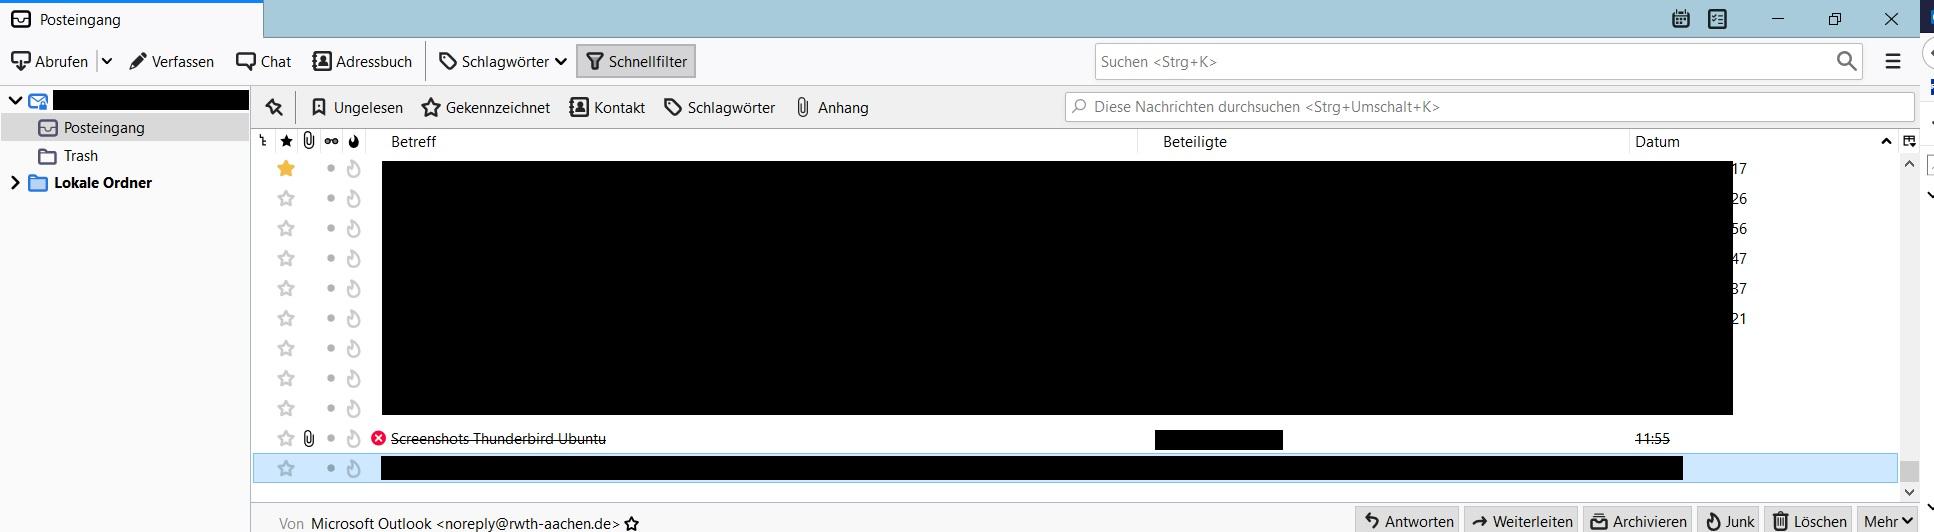 Wiederherstellung gelöschter Mails in Outlook 9